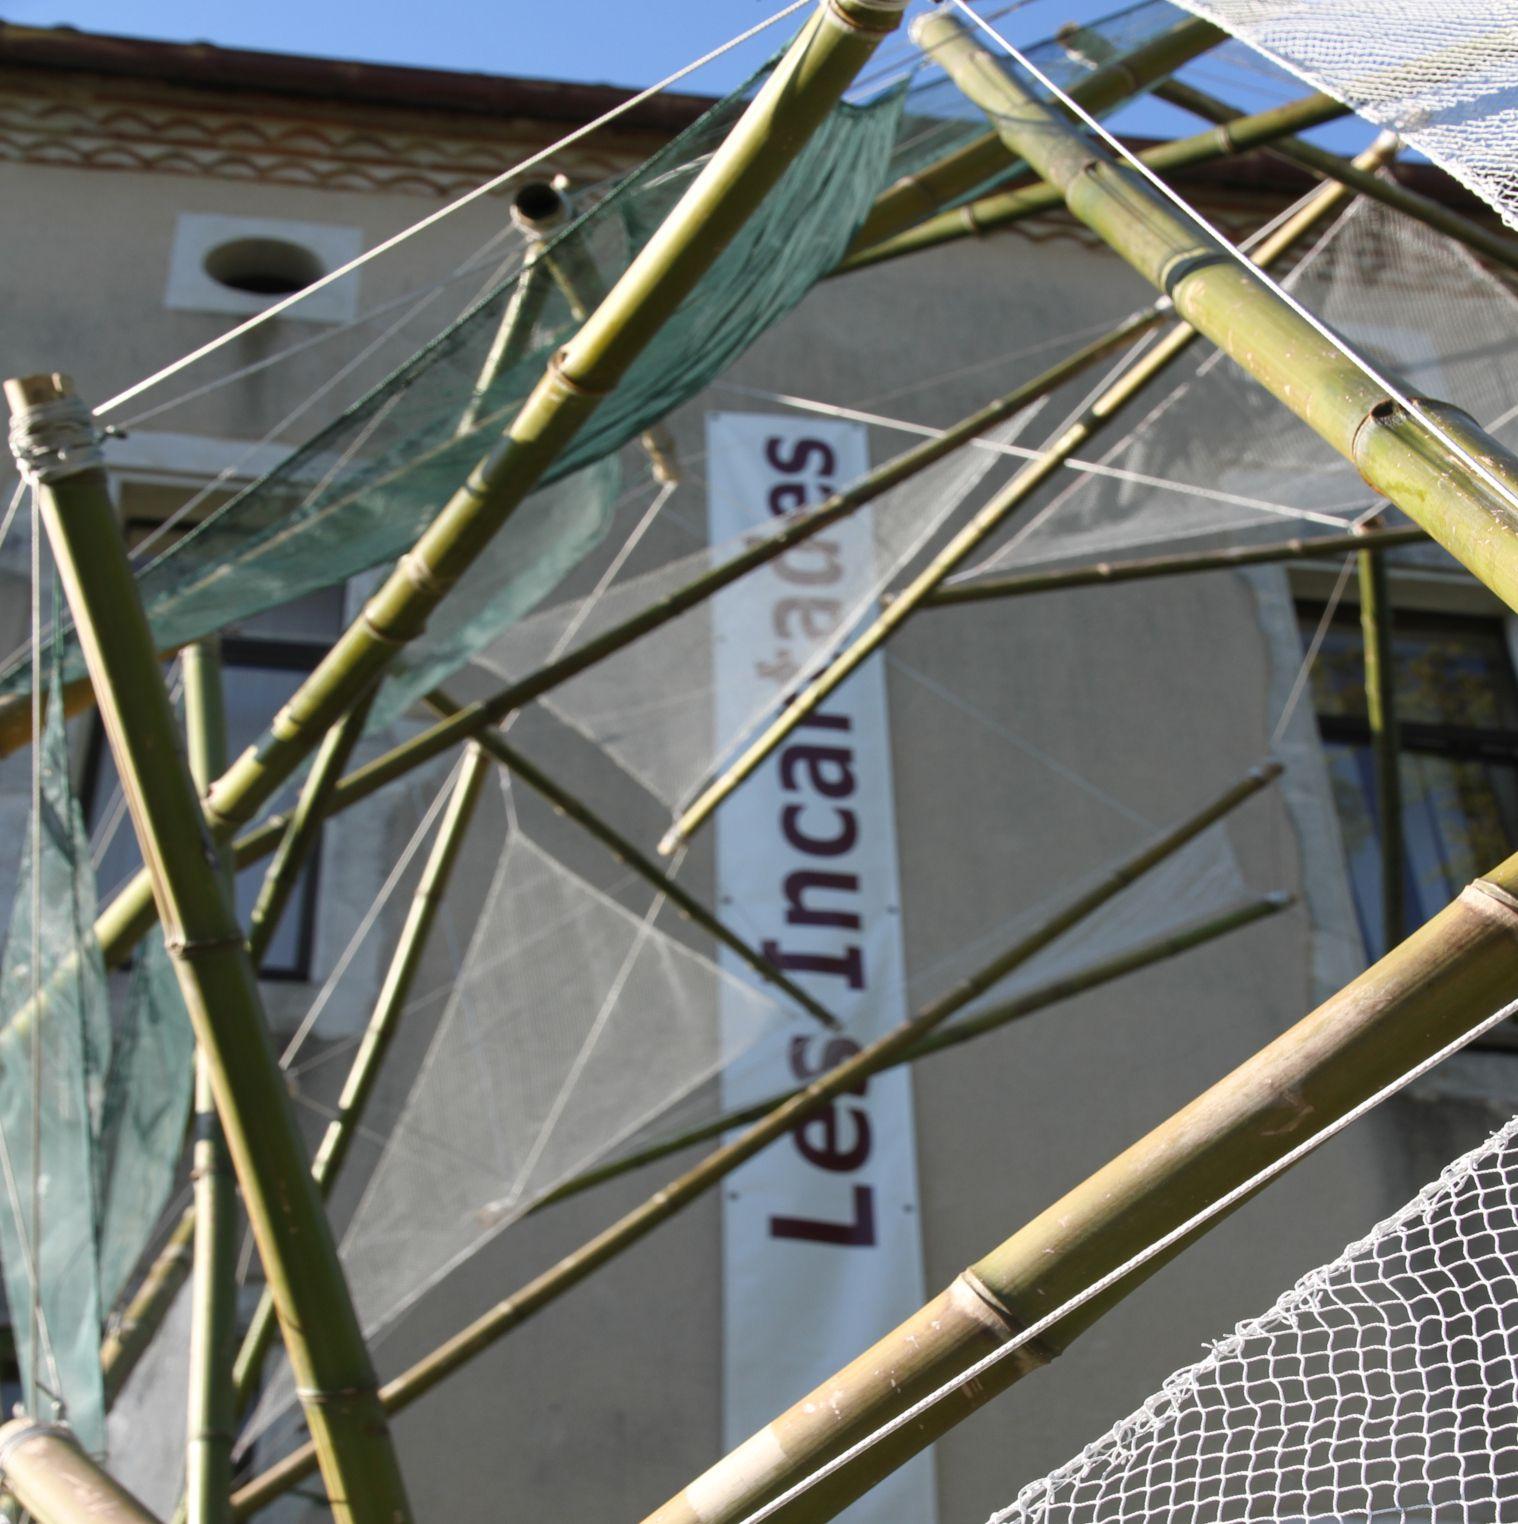 6m x 5m x 3m. Installation créé pour le Centre Culturel de Montaut 40500. Vernissage le 10 juillet 2021